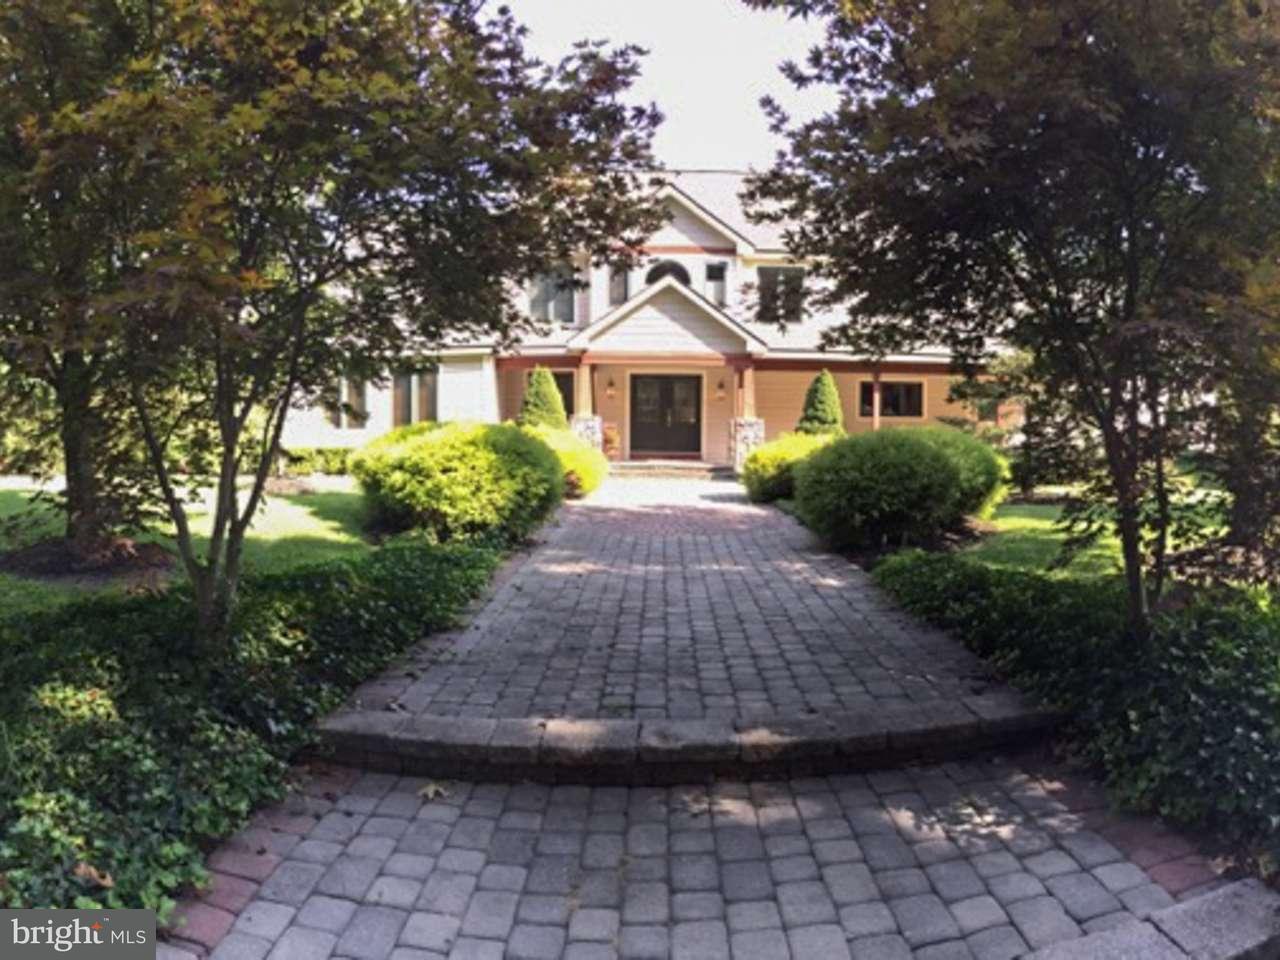 独户住宅 为 销售 在 44 SUMMIT Avenue Berlin, 新泽西州 08009 美国